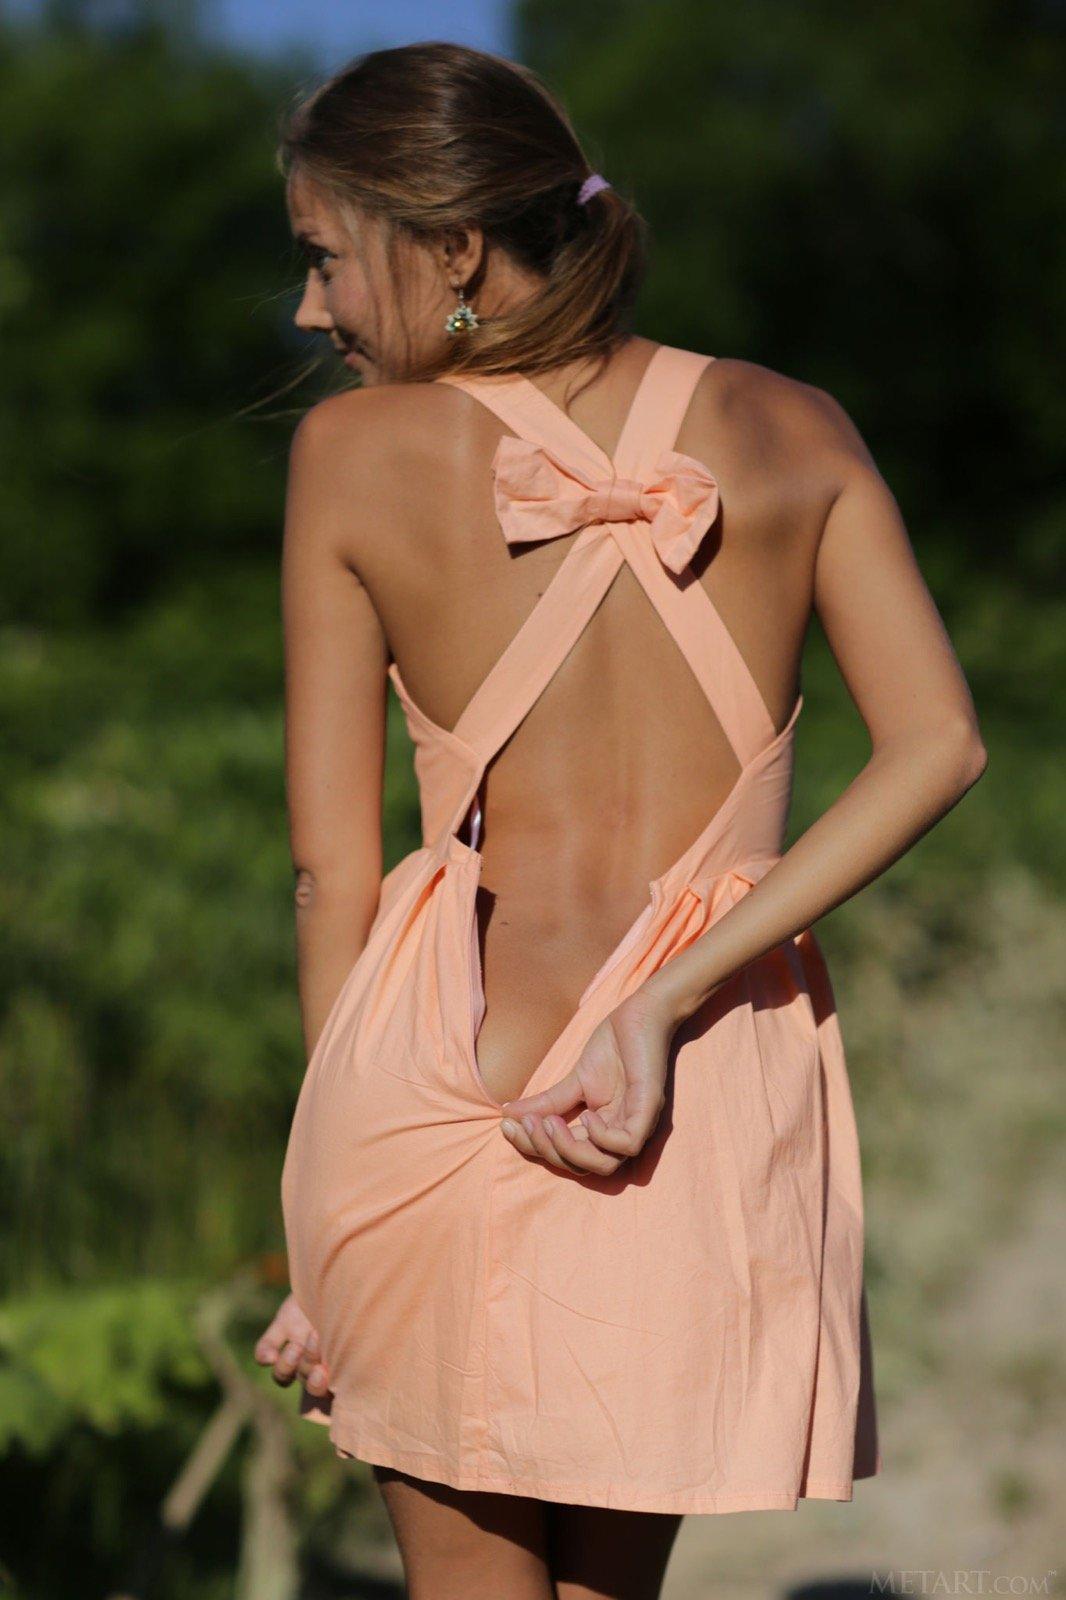 Костлявая красотка в платье без трусов на открытом воздухе